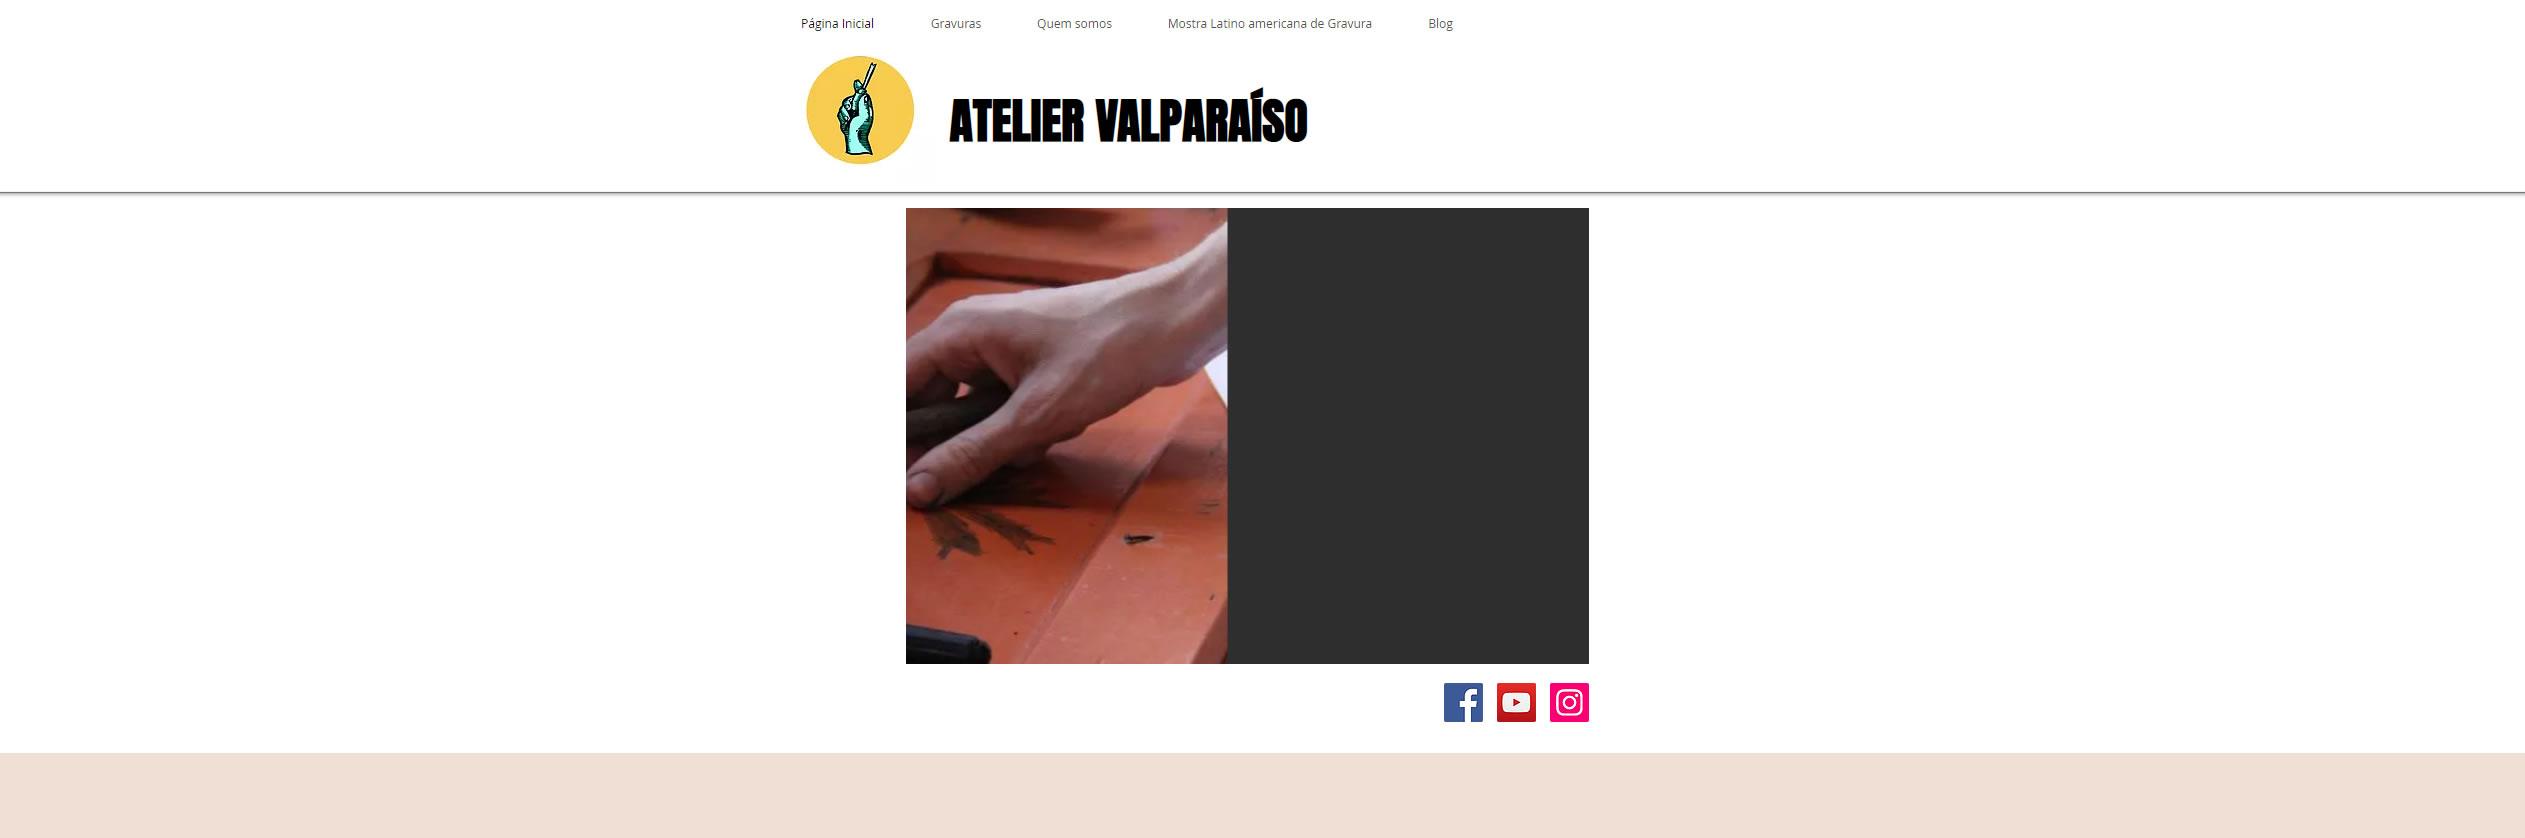 atelie_valparaiso_galeria_de_gravura